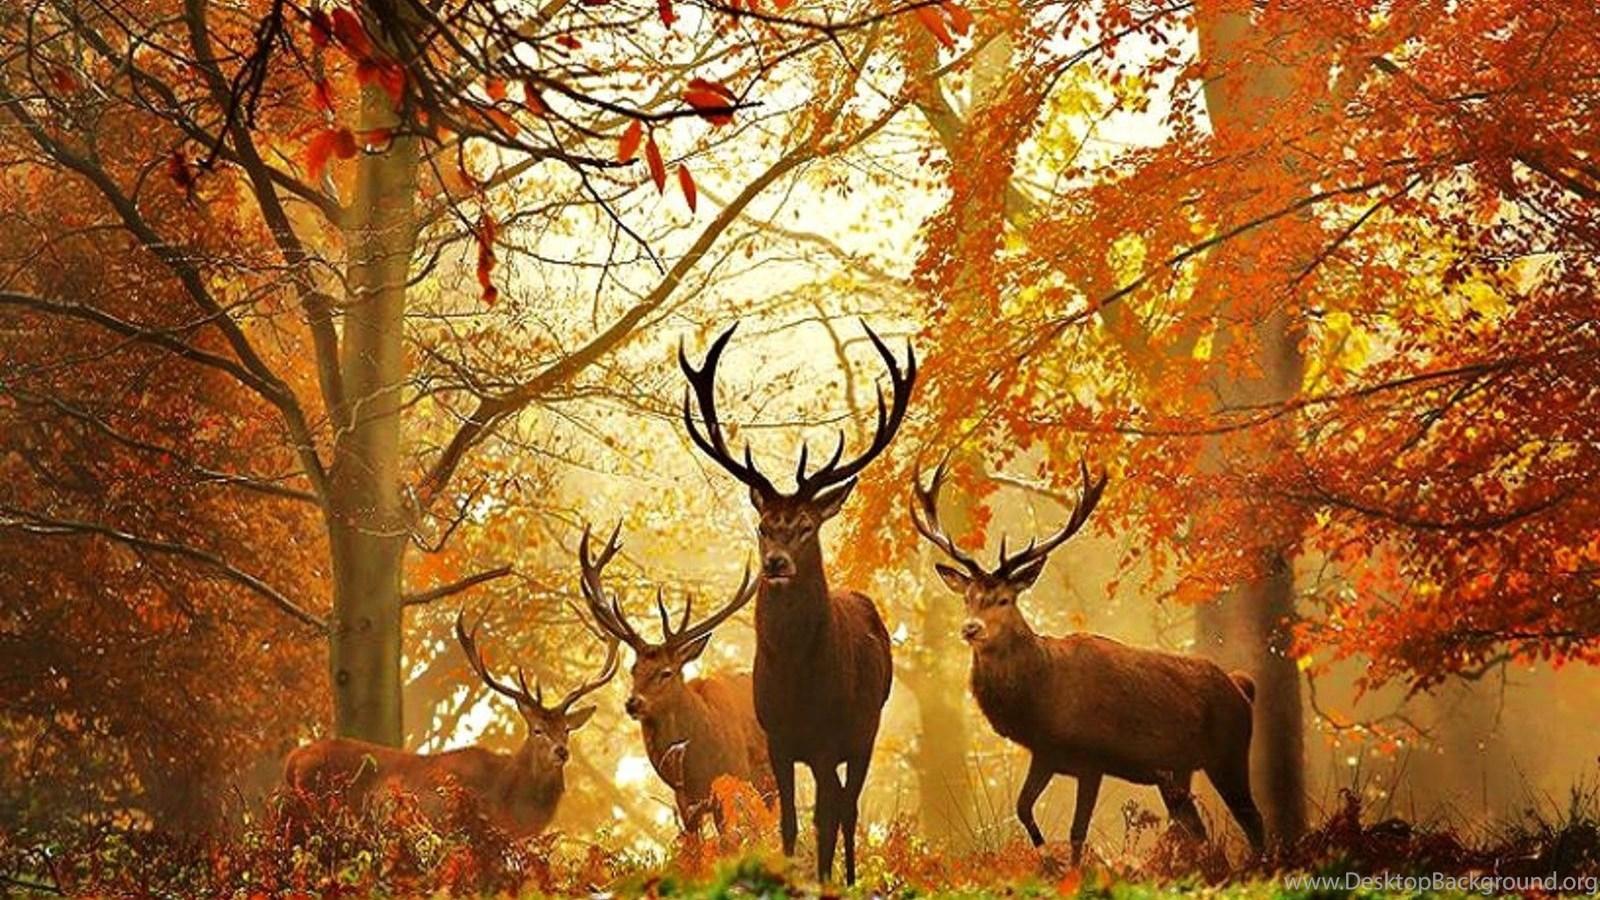 Deer Hunting Backgrounds Desktop Background